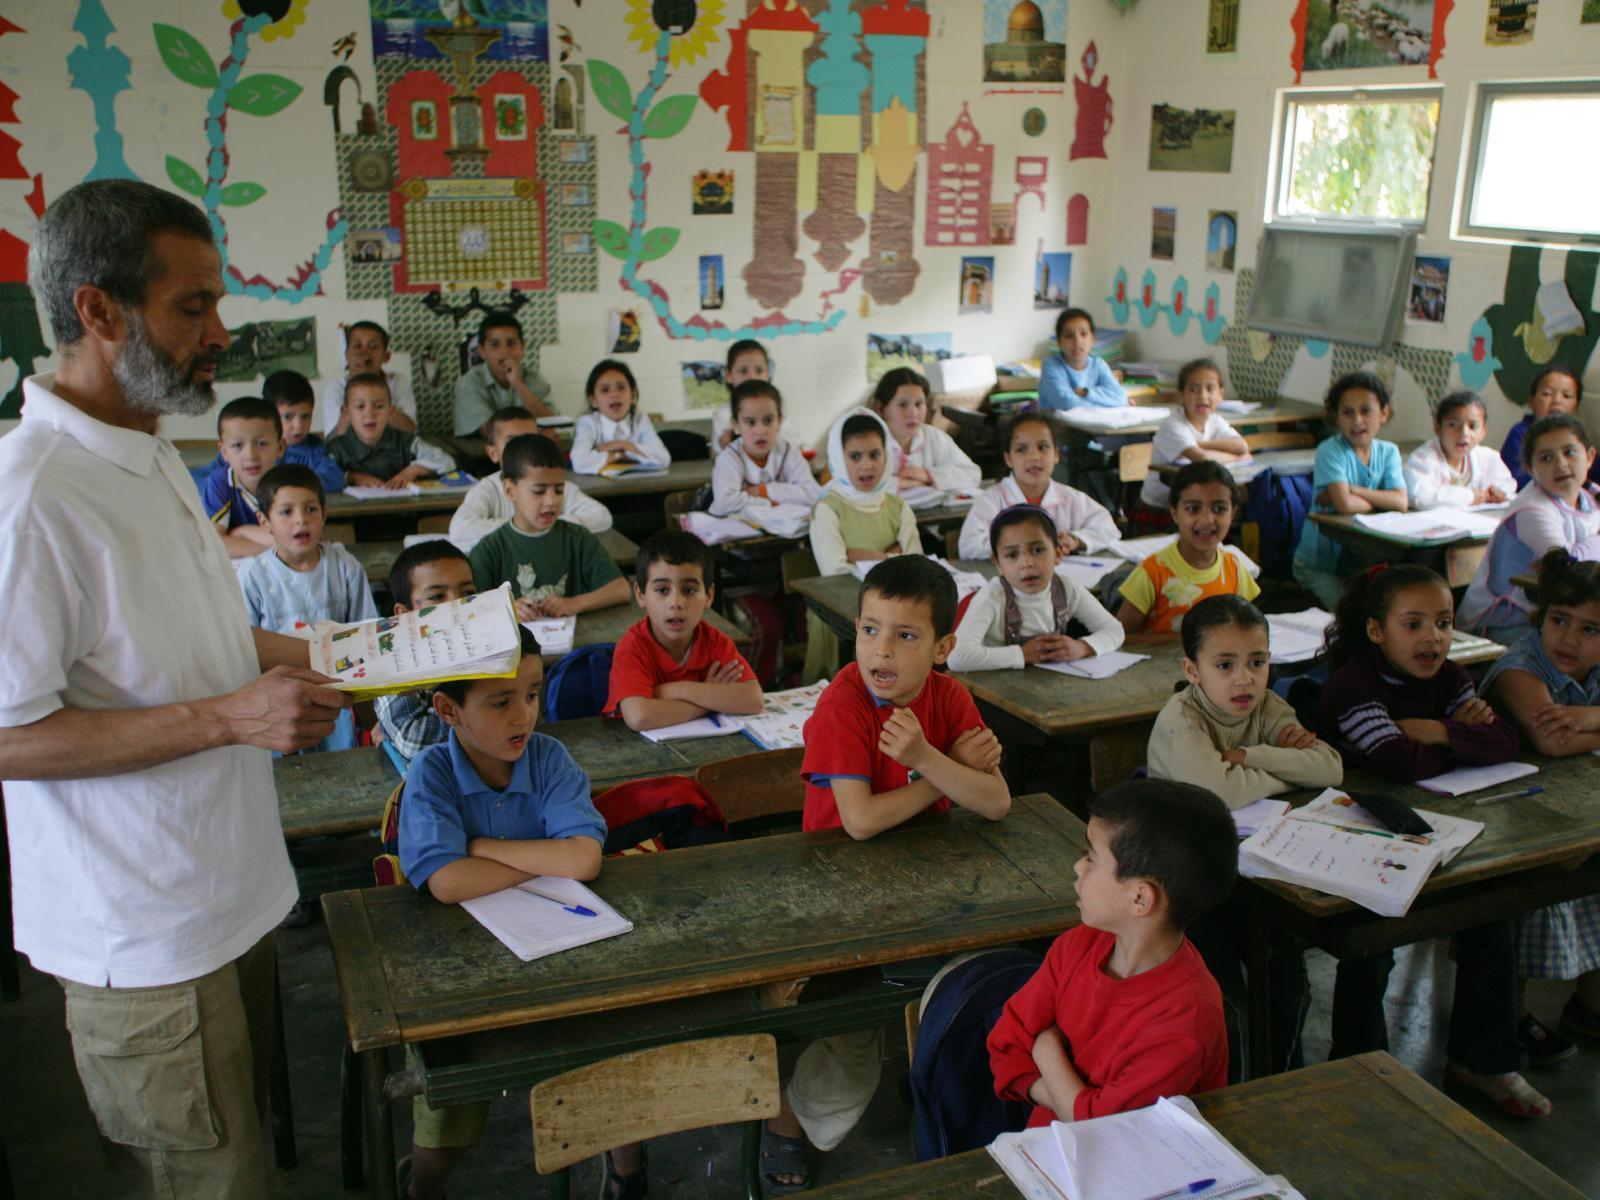 Agua saneamiento e higiene en las escuelas primarias de for Educacion exterior marruecos